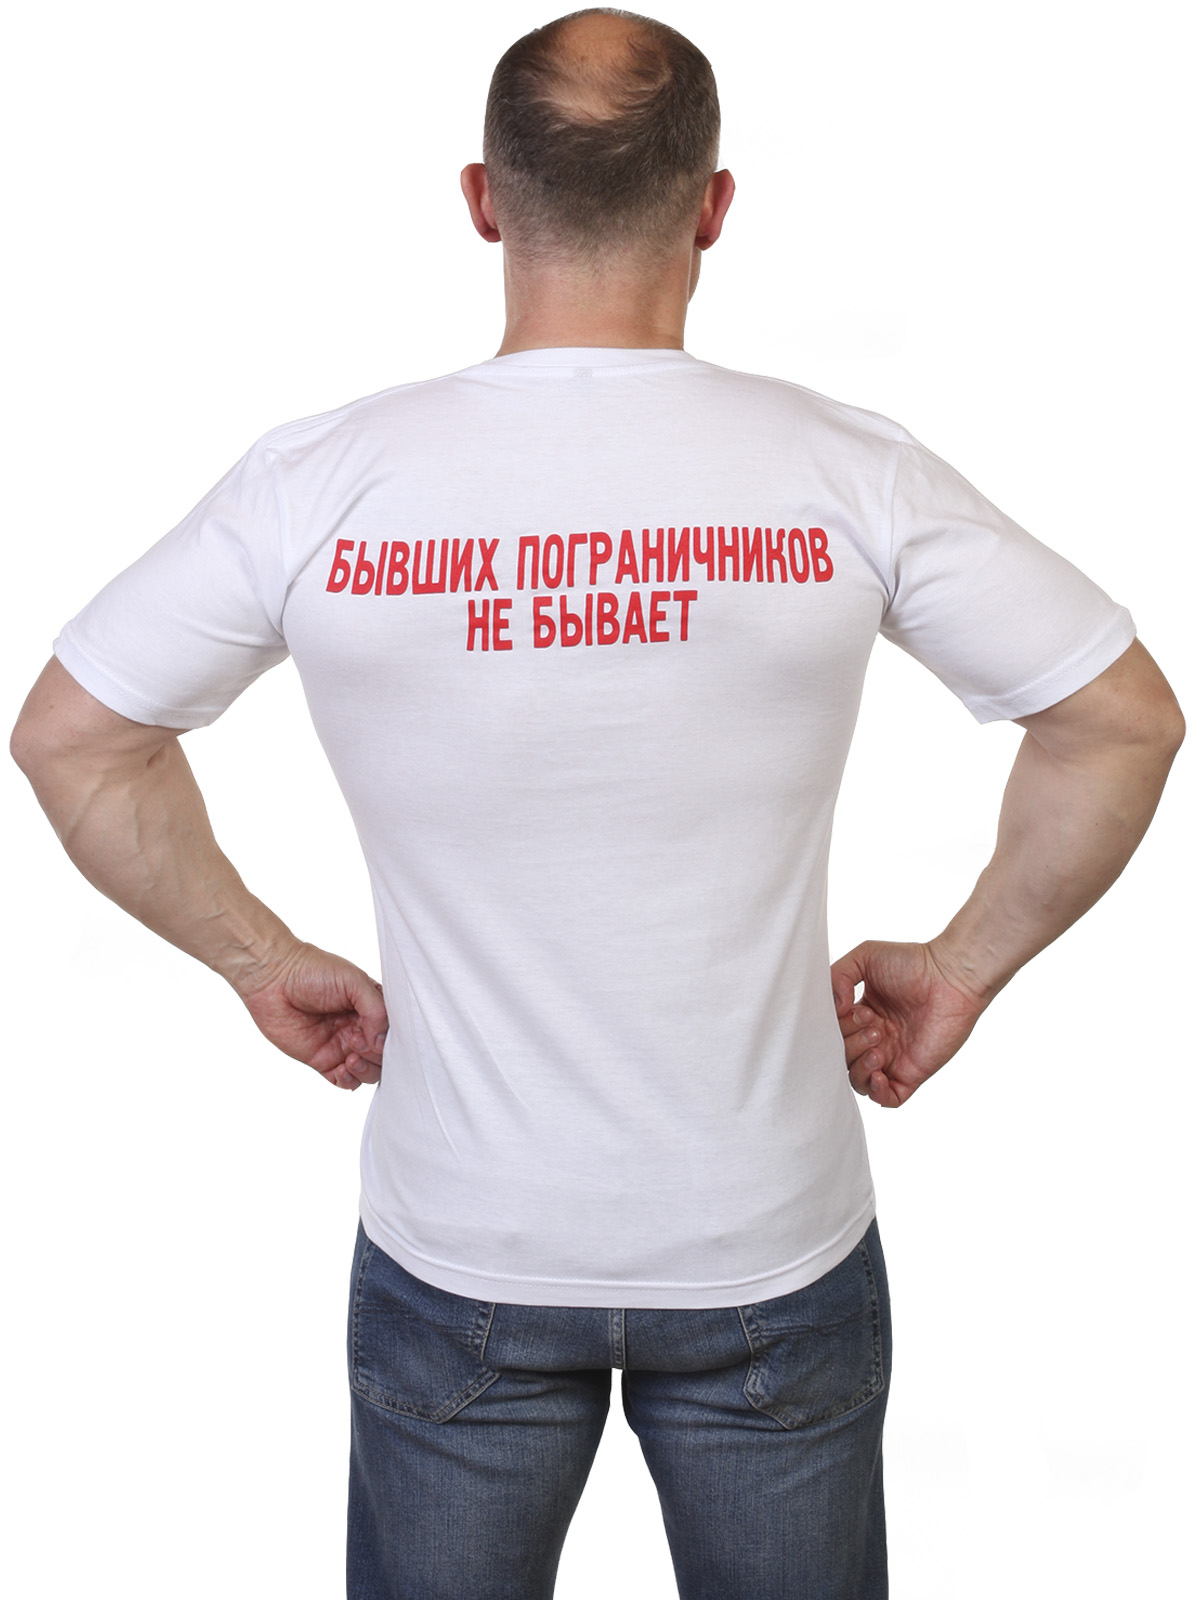 Белая футболка Пограничнику в подарок с доставкой